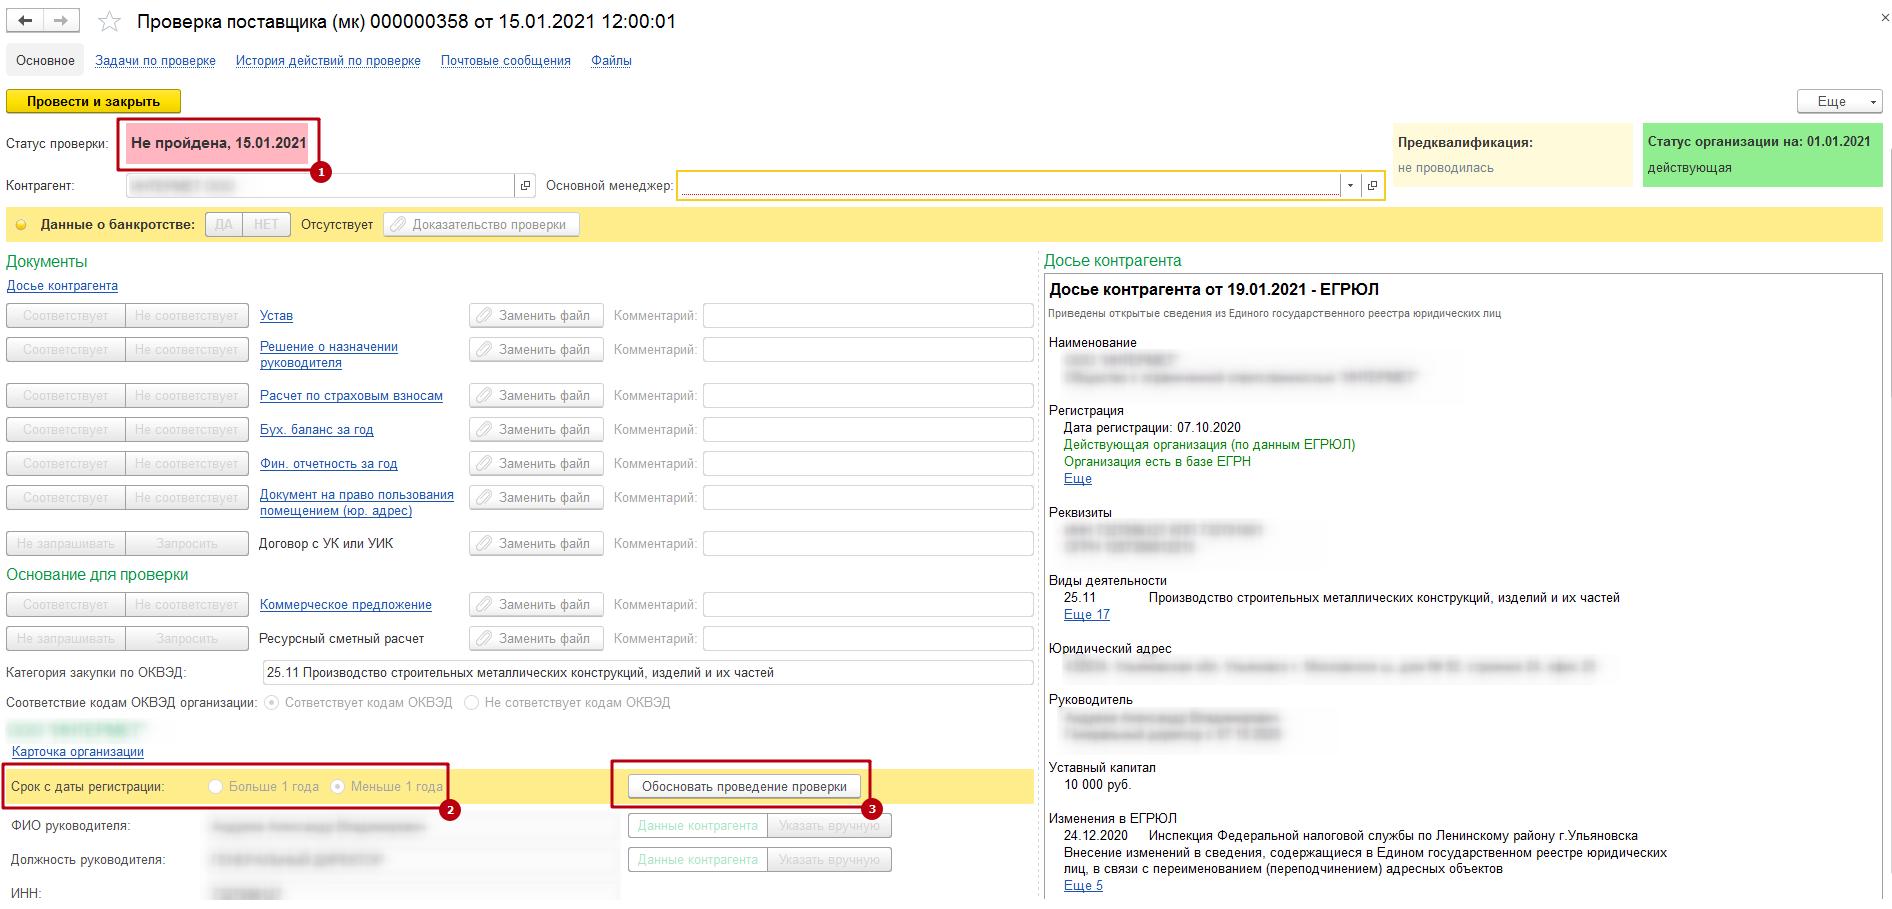 Проверка контрагента в ERP автоматически не пройдена